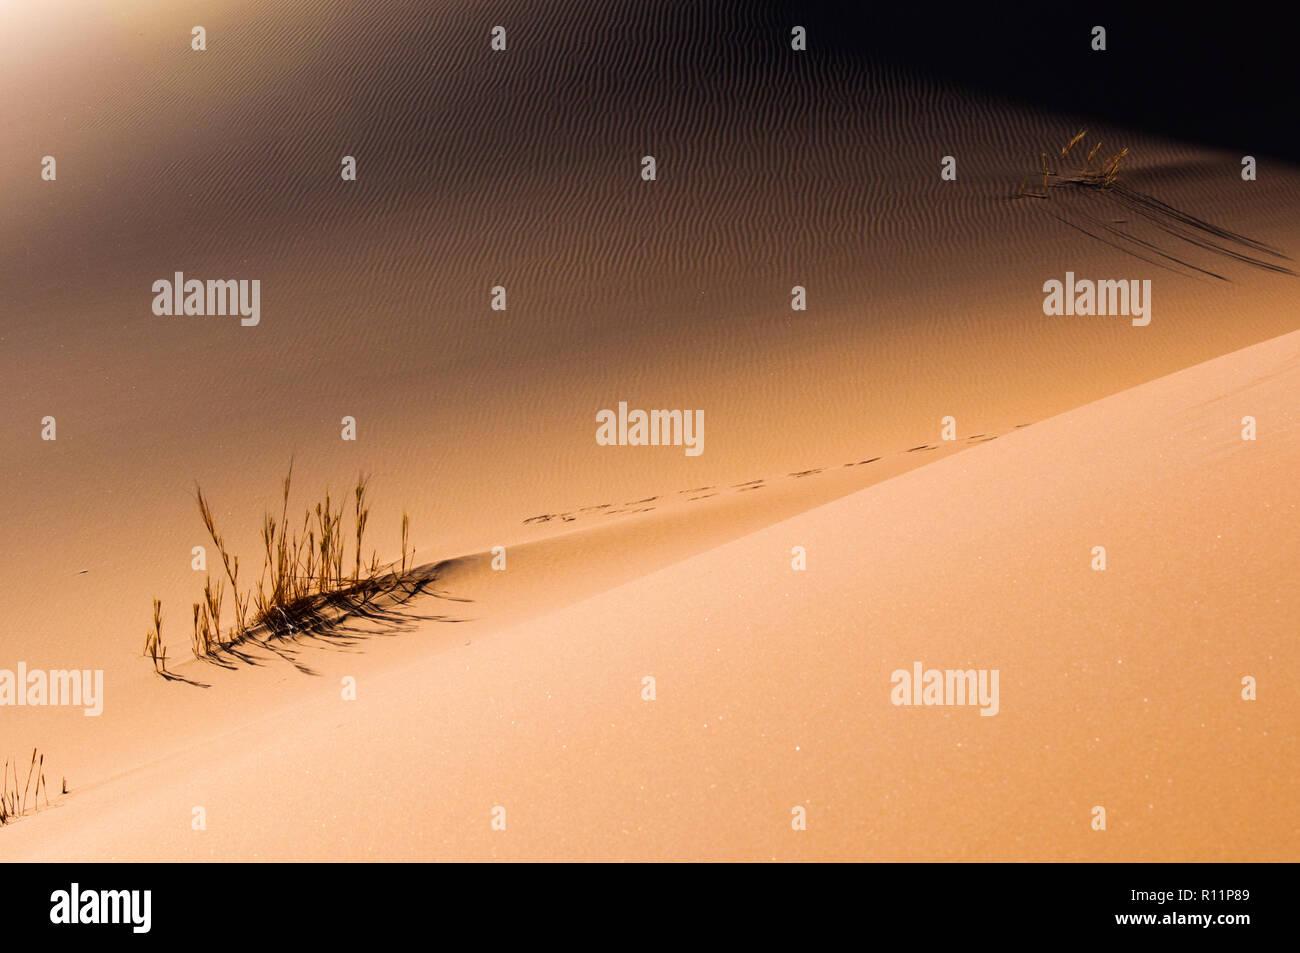 Shadow Dune Stockbild